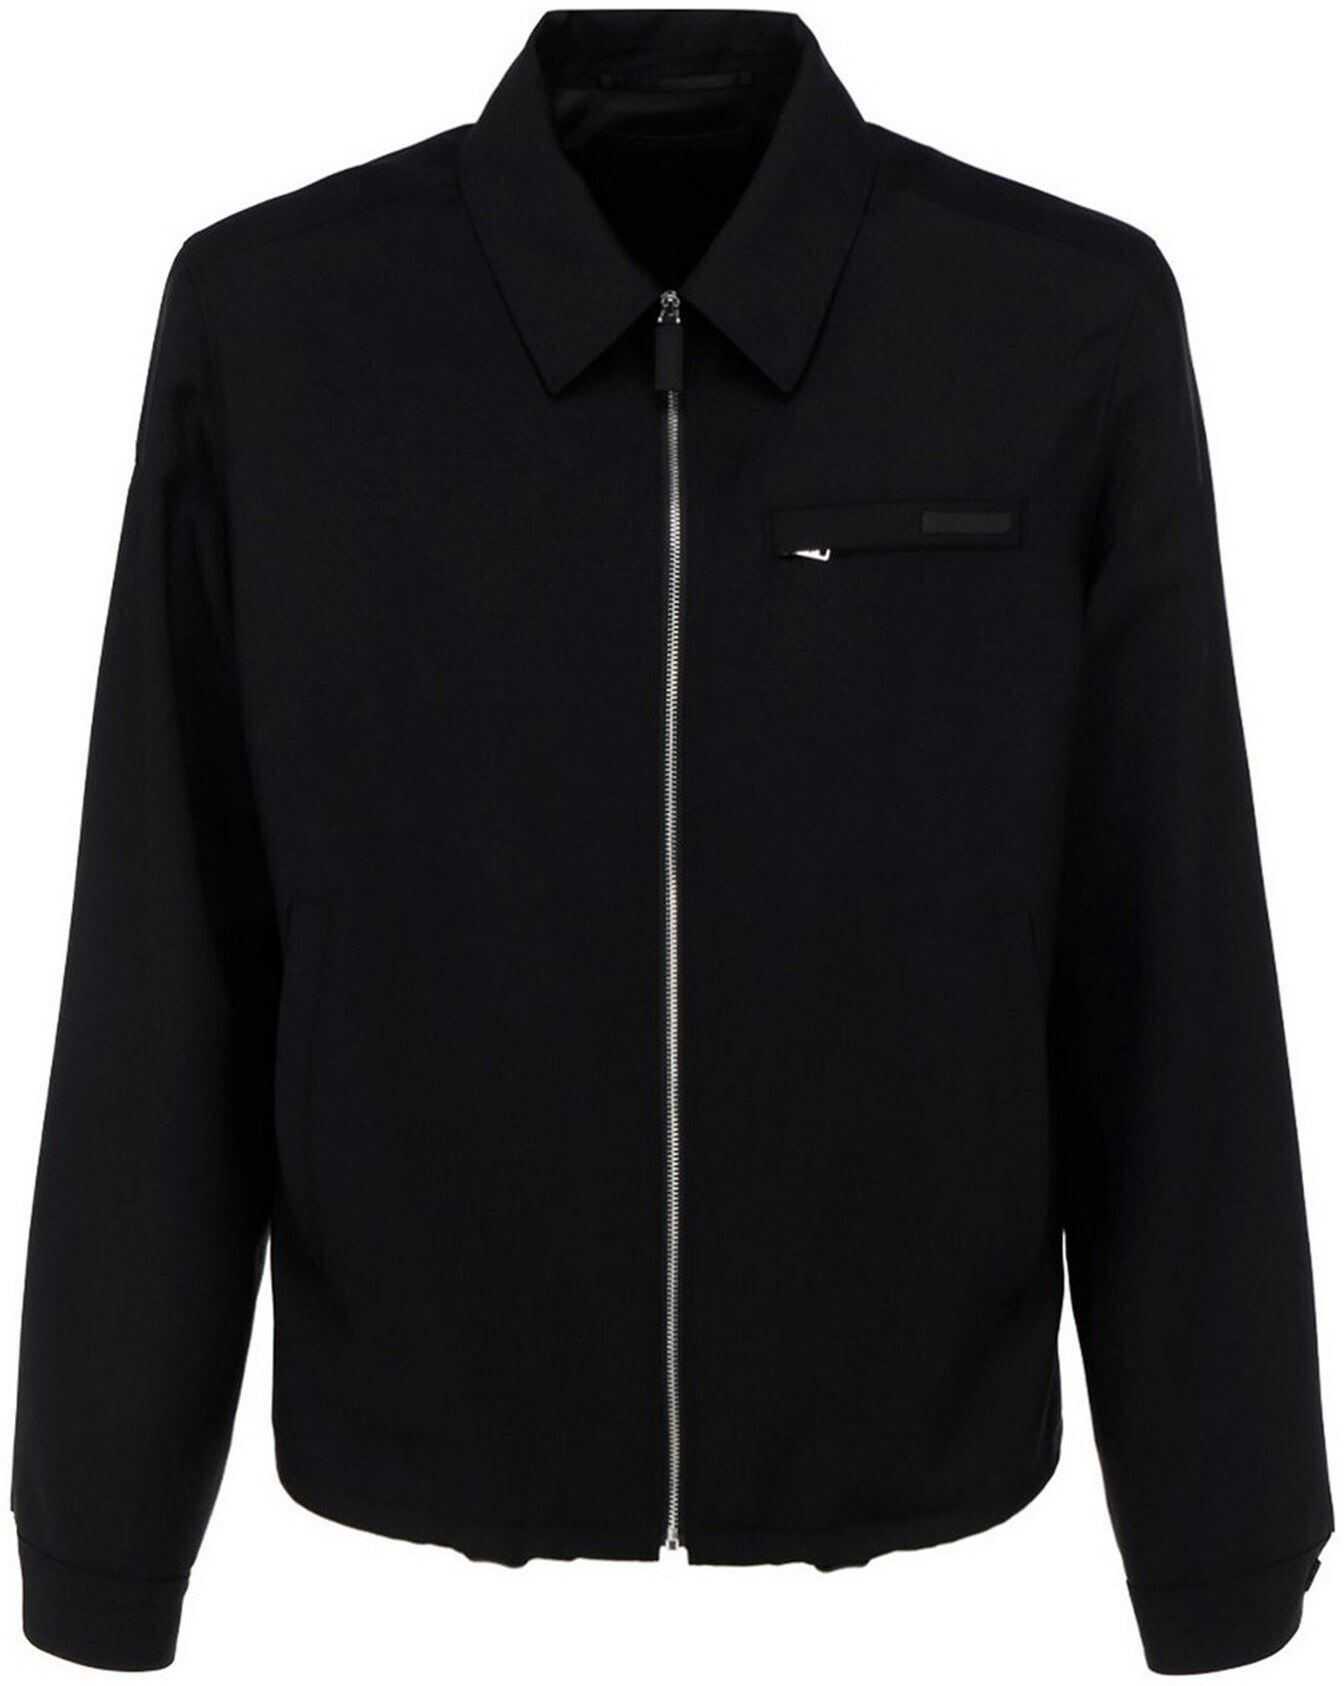 Prada Mohair-Wool Blend Jacket In Black Black imagine